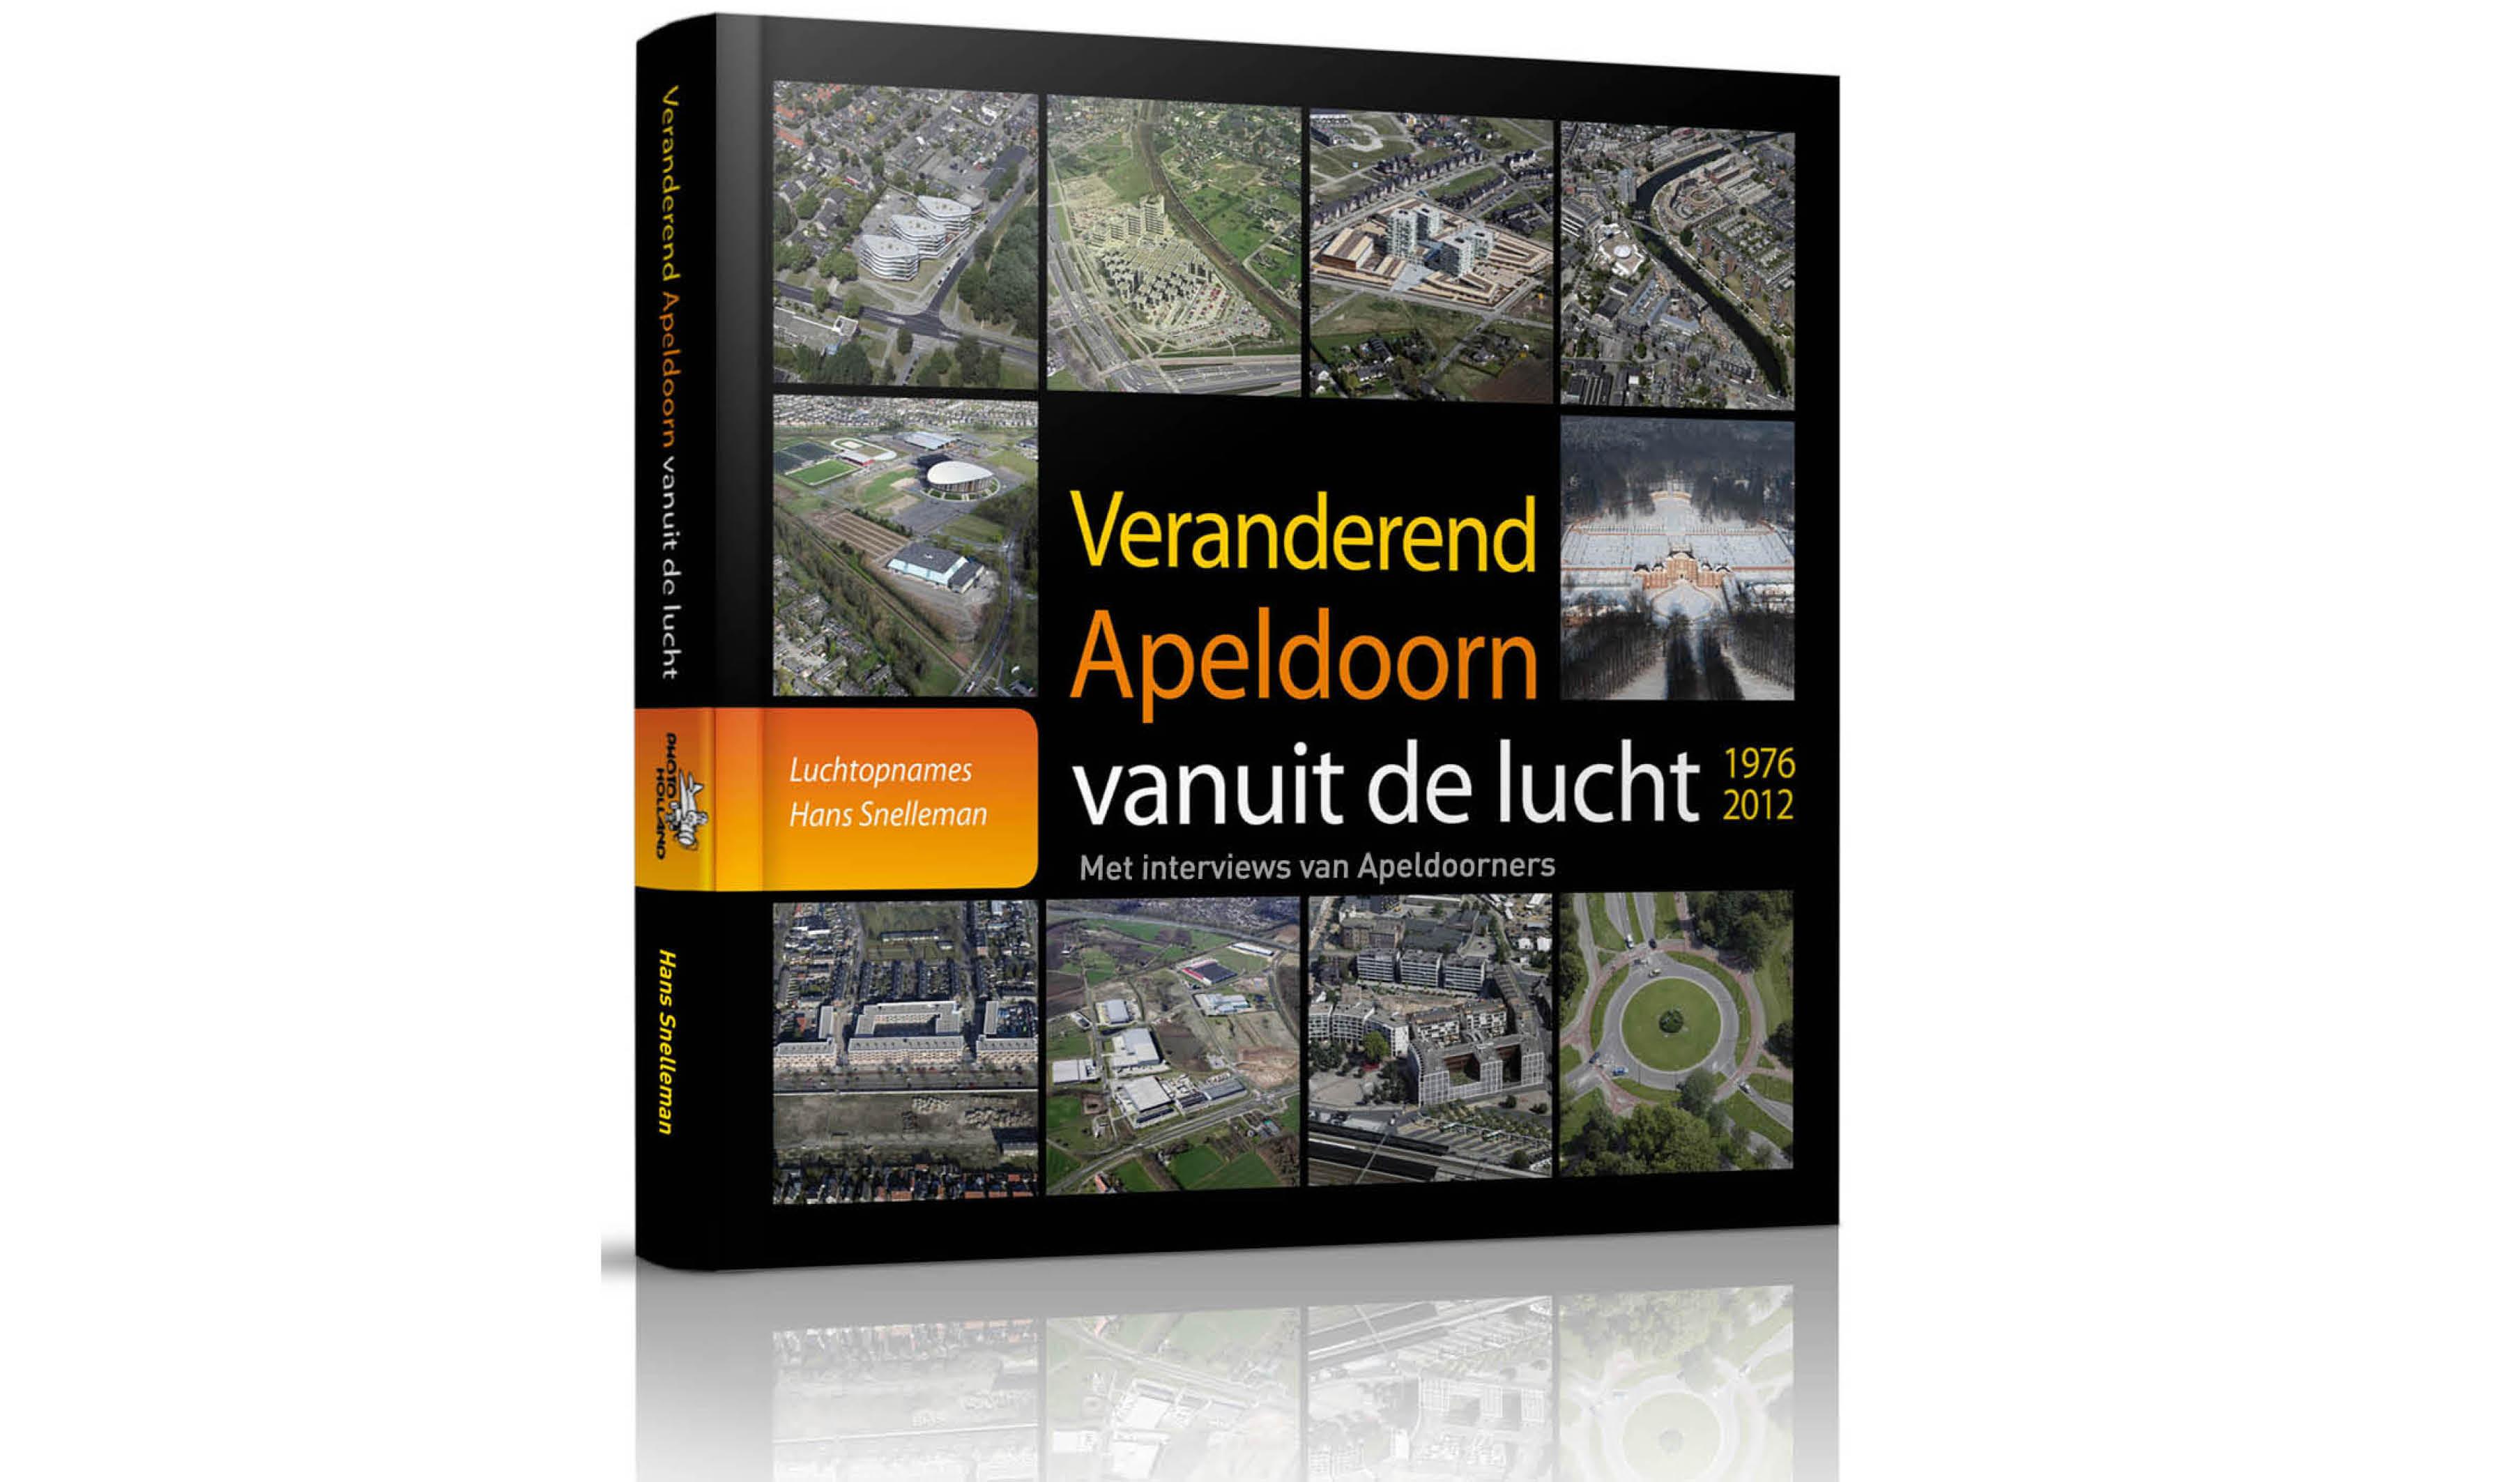 Boeken_35_306 x 180 pixels